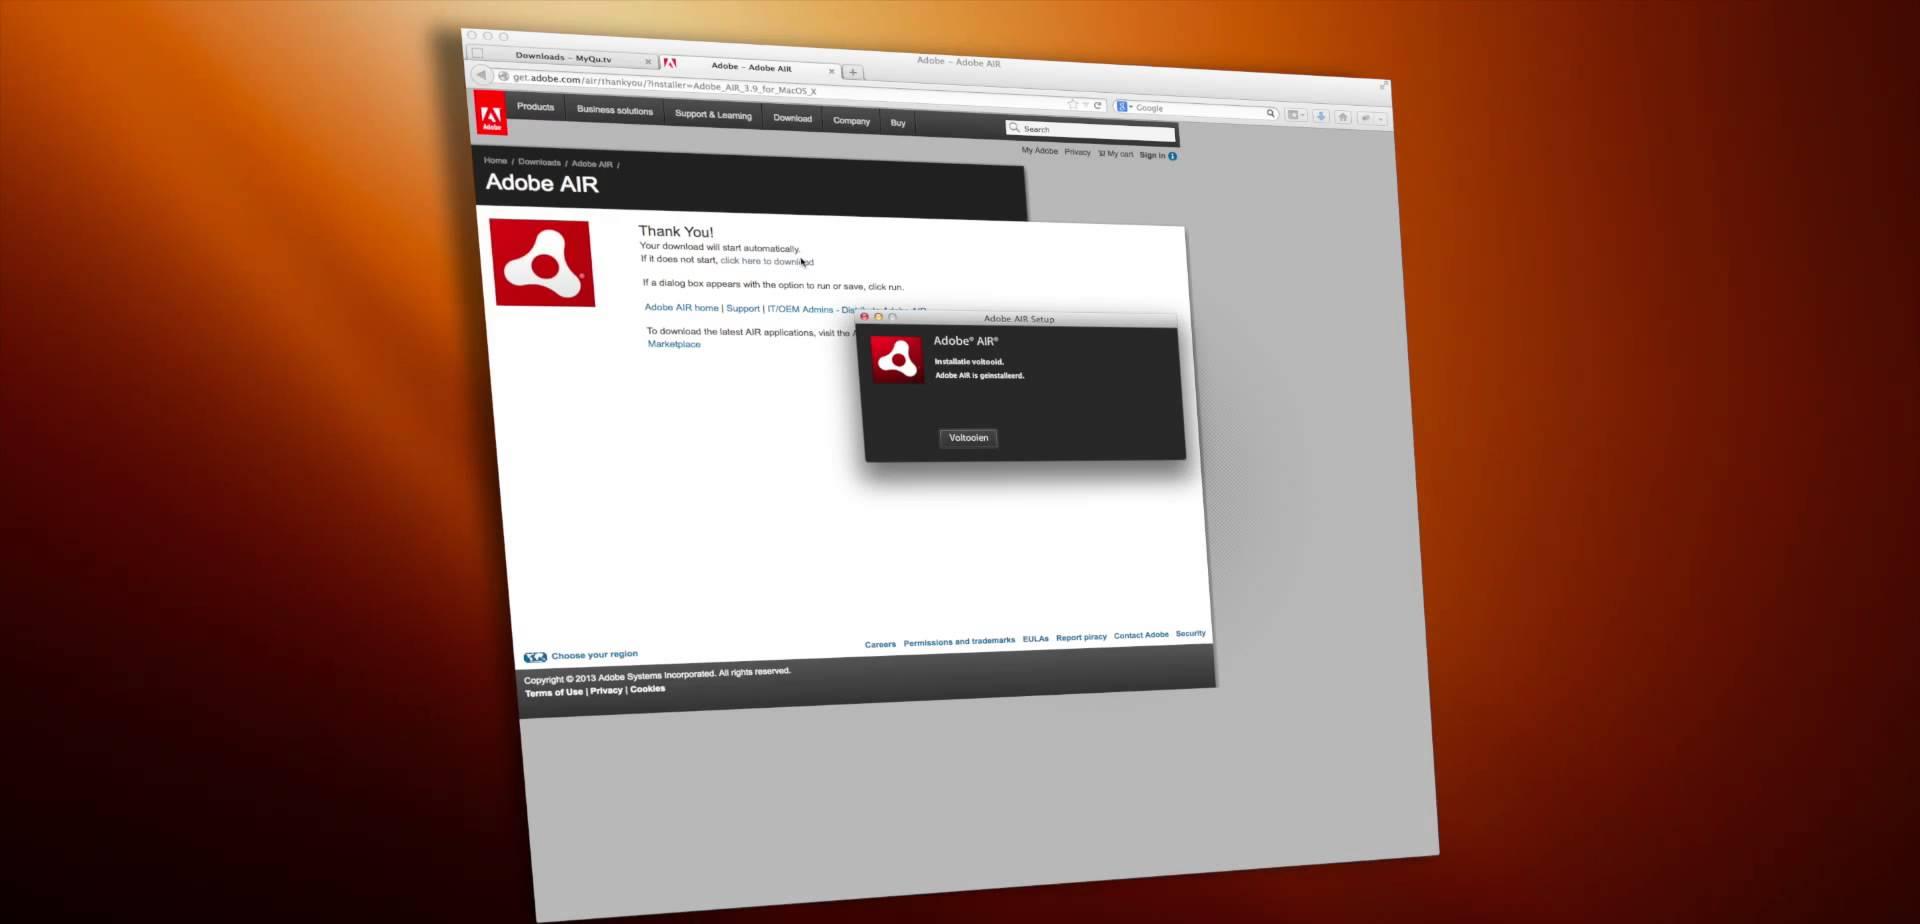 مميزات برنامج Adobe AIR